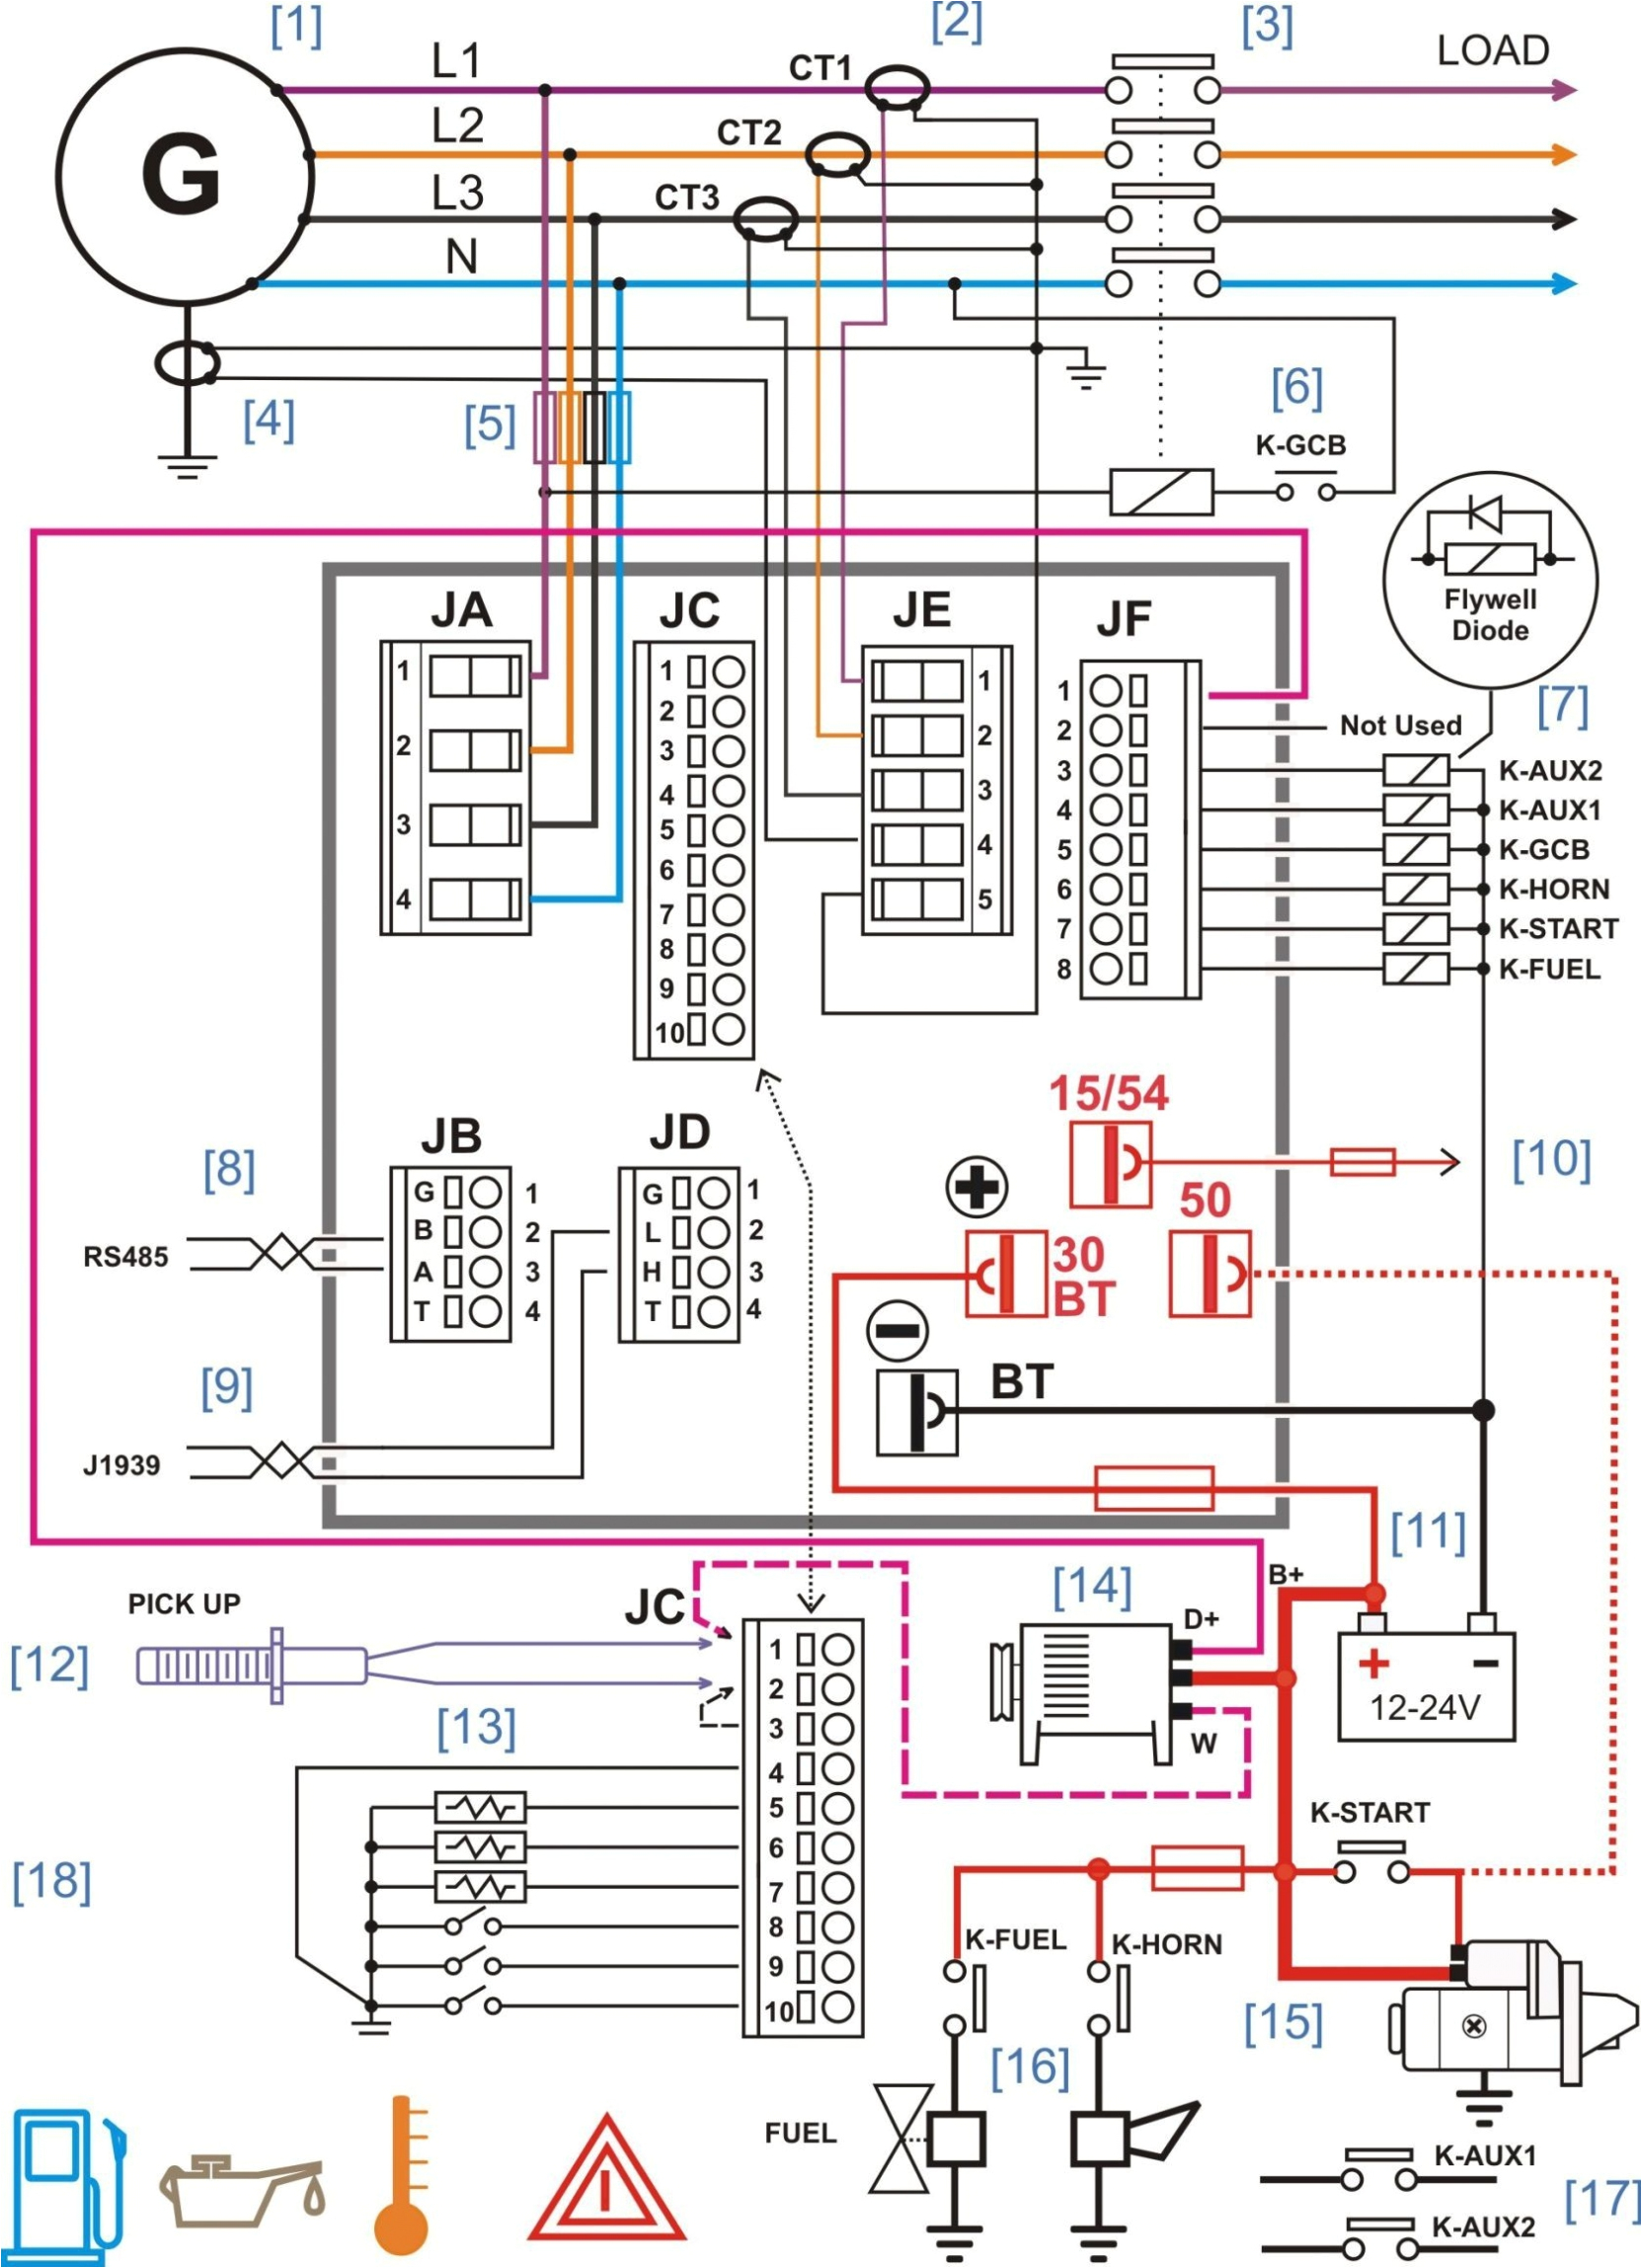 30 amp rv plug diagram lovely 30 amp generator 4 prong to rv30 amp jpg